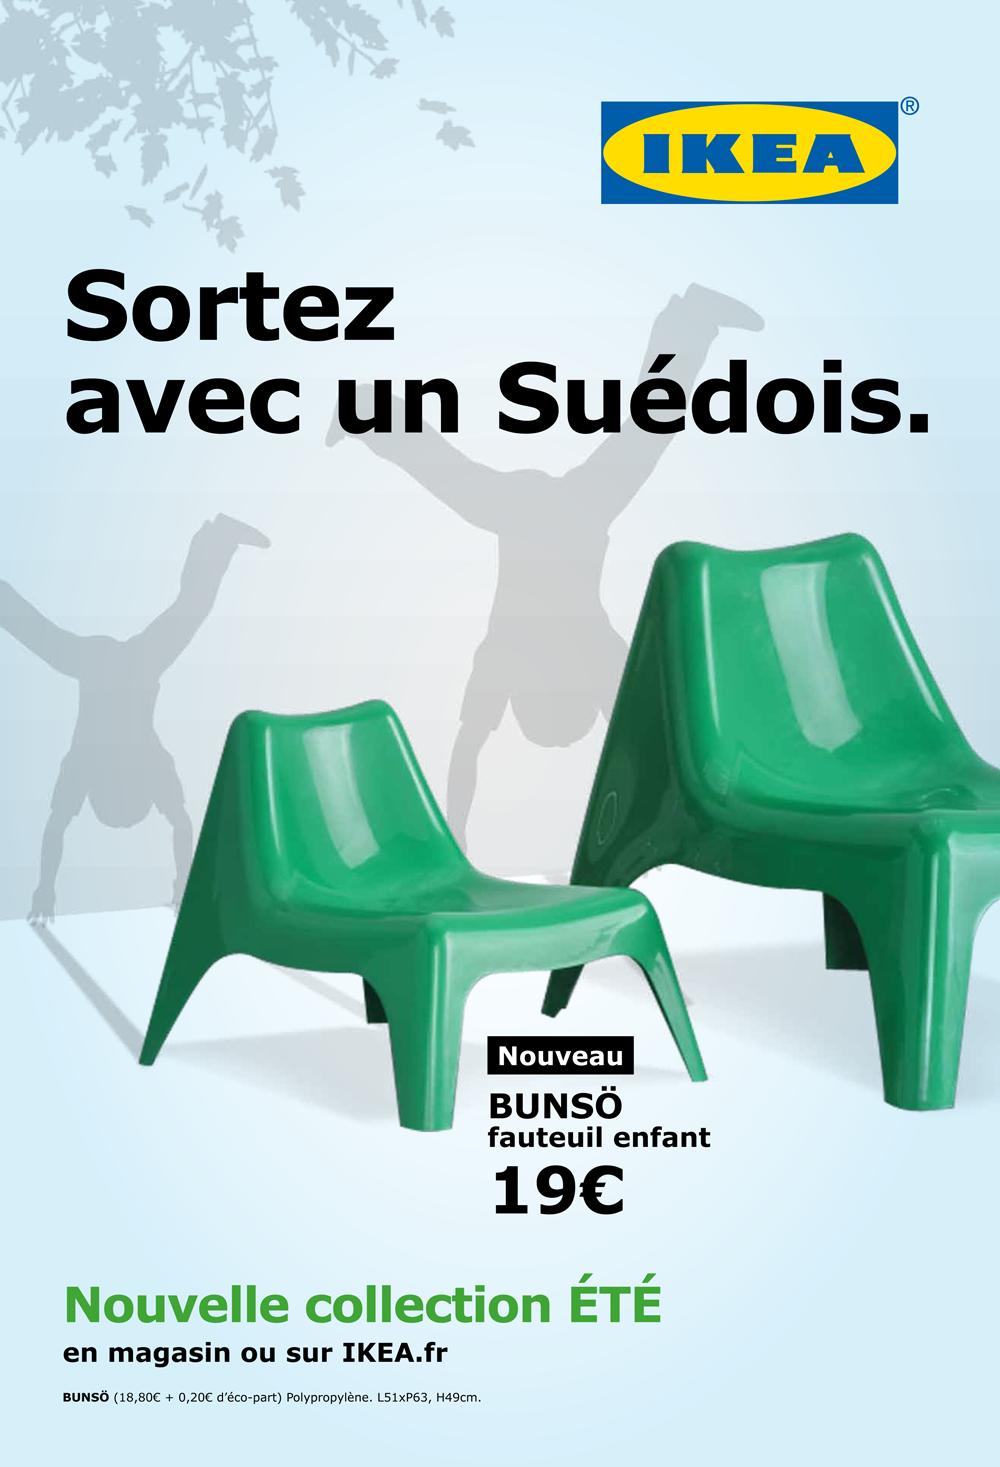 Campagne Printemps 2015 Sortez Avec Un Su Dois Ikea  # Ikea Annonce Publicite